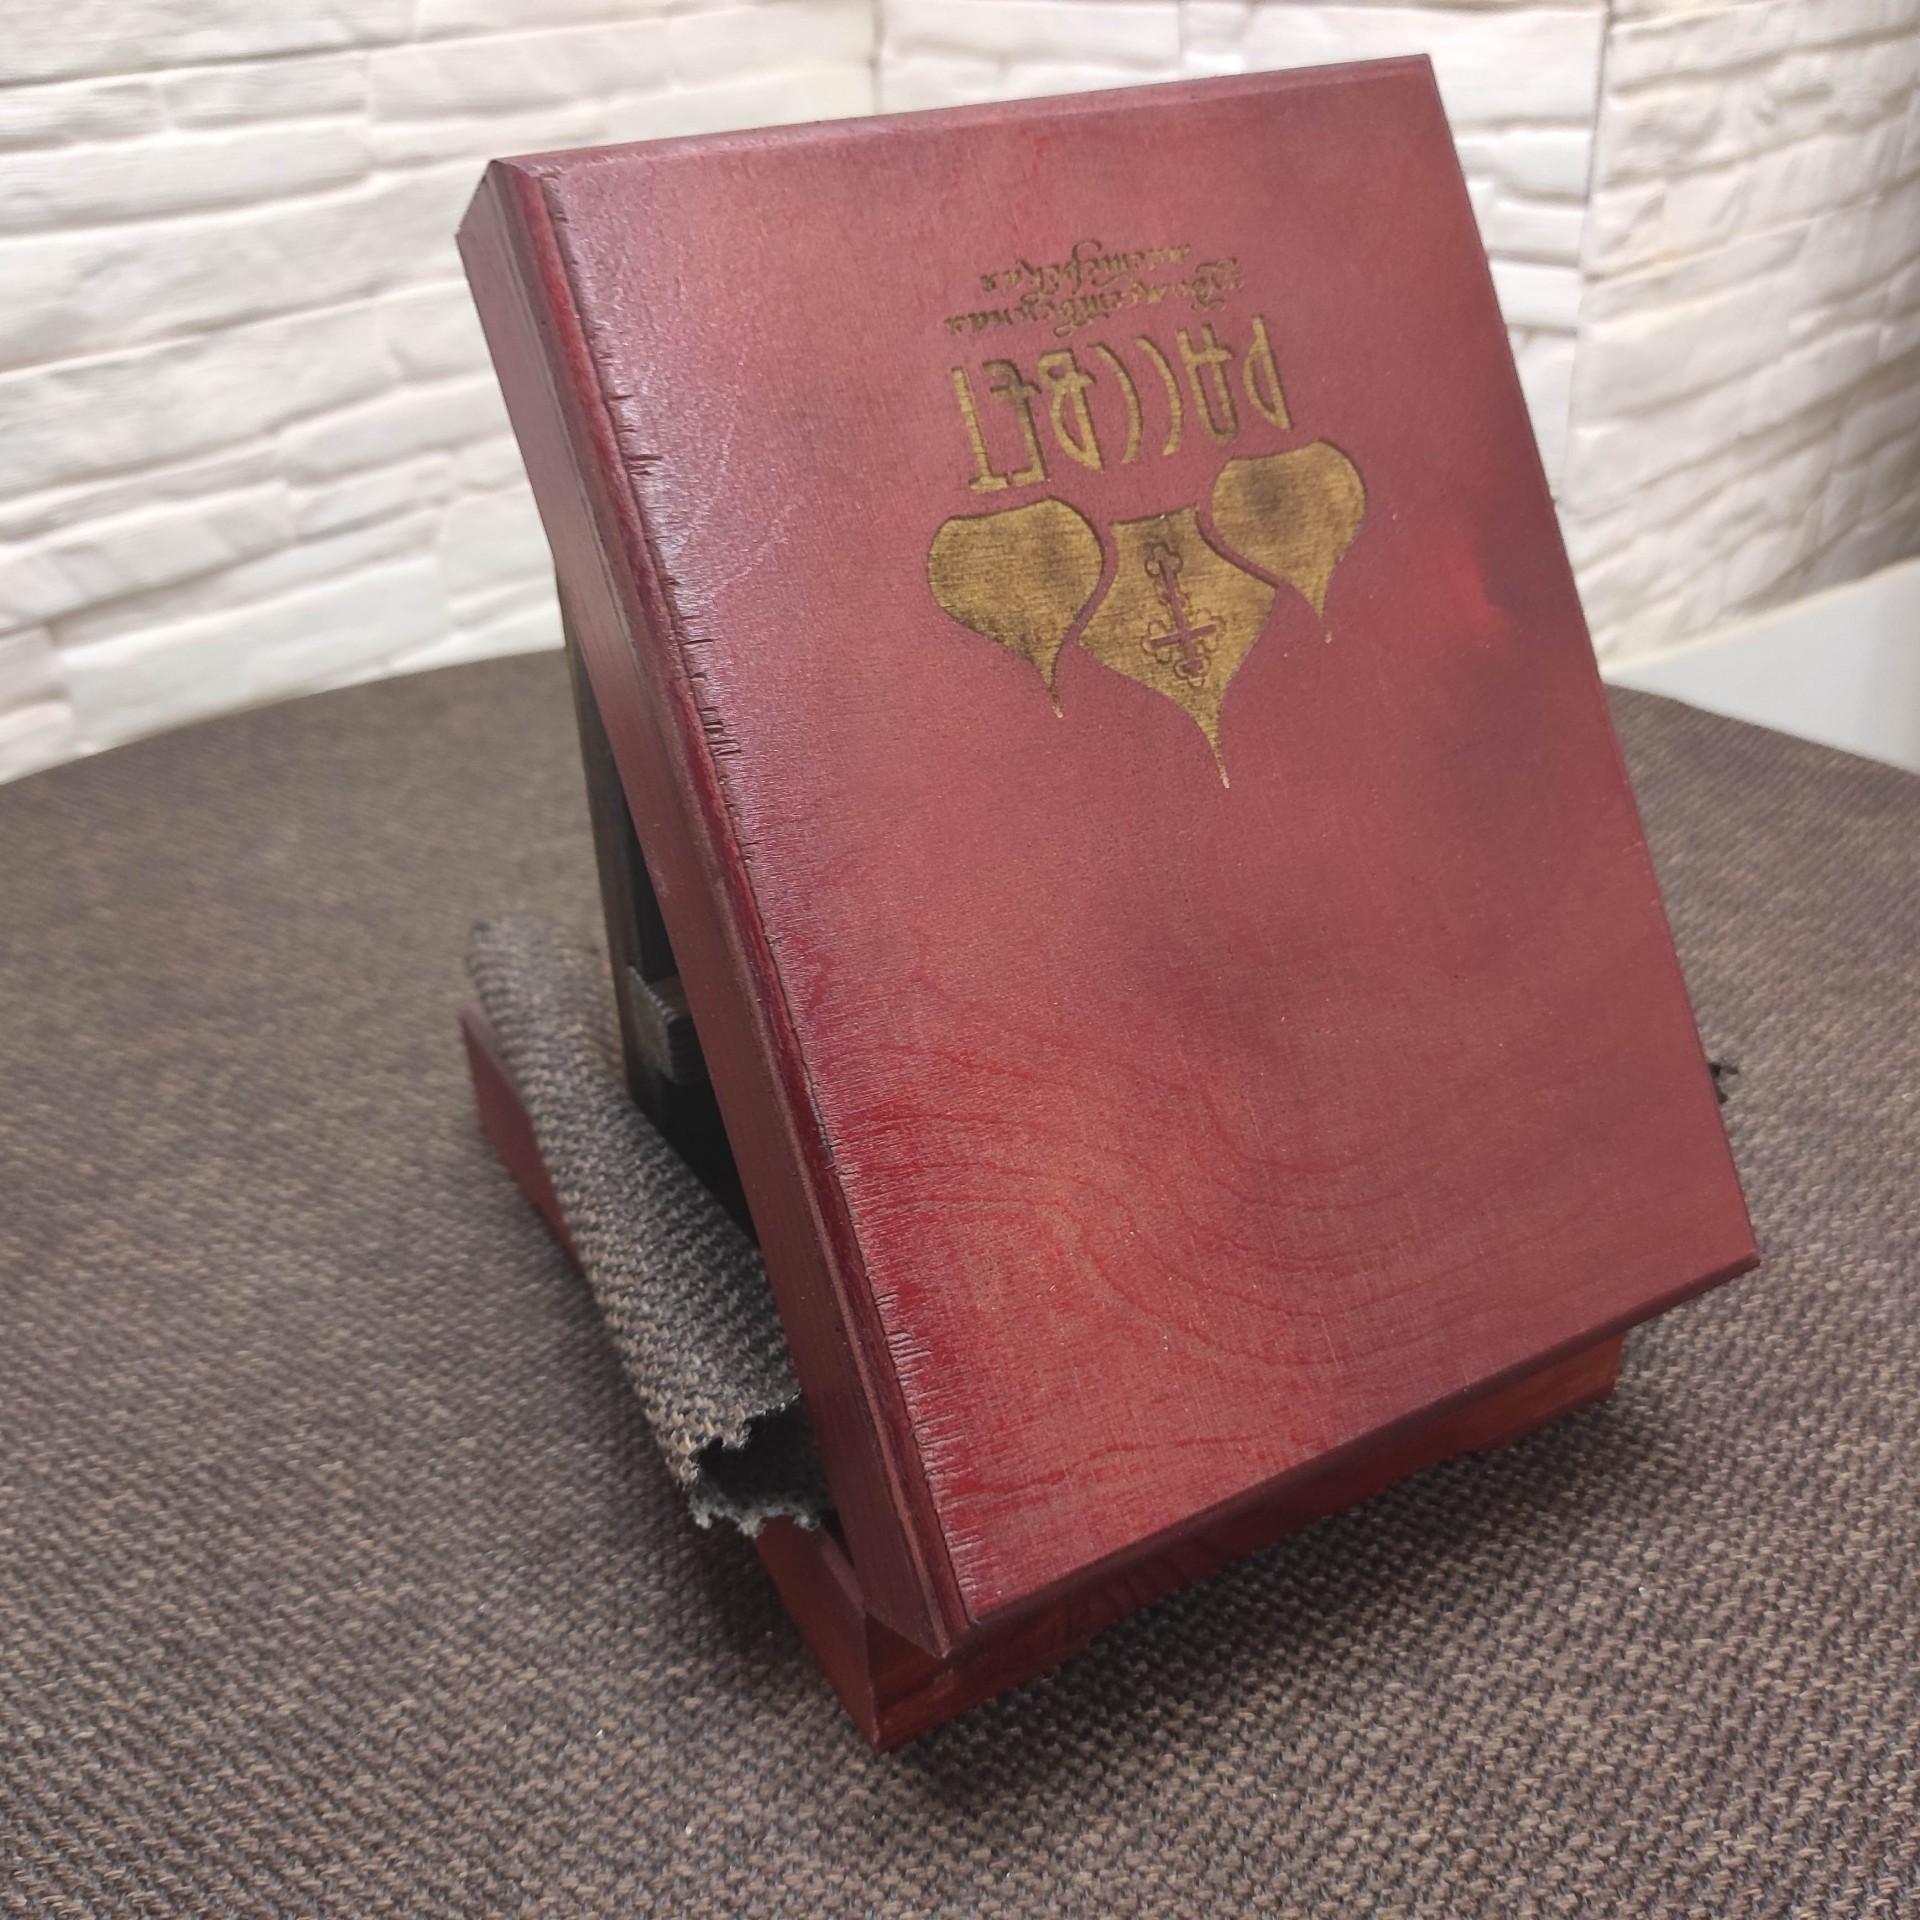 Подарочная икона Ангел Хранитель фото футляра сзади